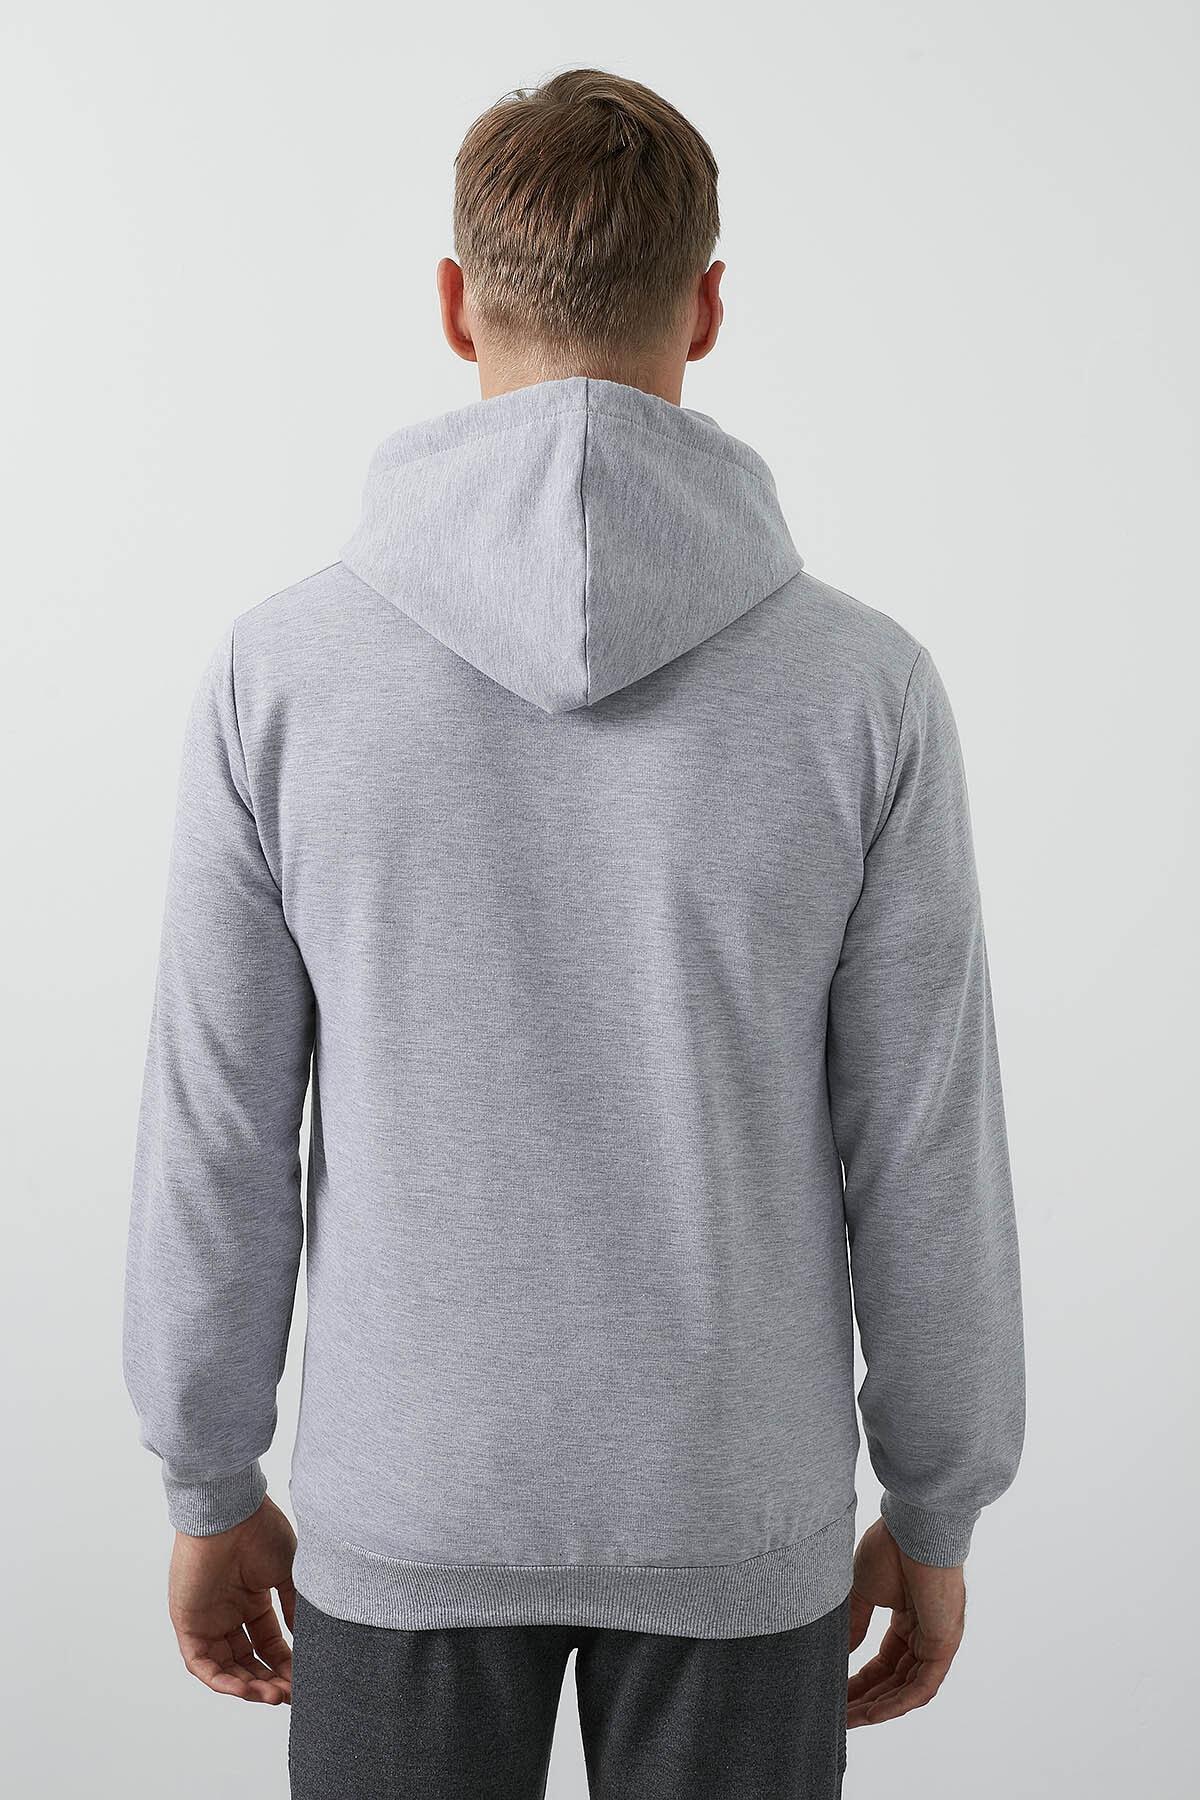 Buratti Erkek Gri Ön Beden Baskılı Kapüşonlu Cepli Standart Fit Sweatshirt 541HUMAN 4